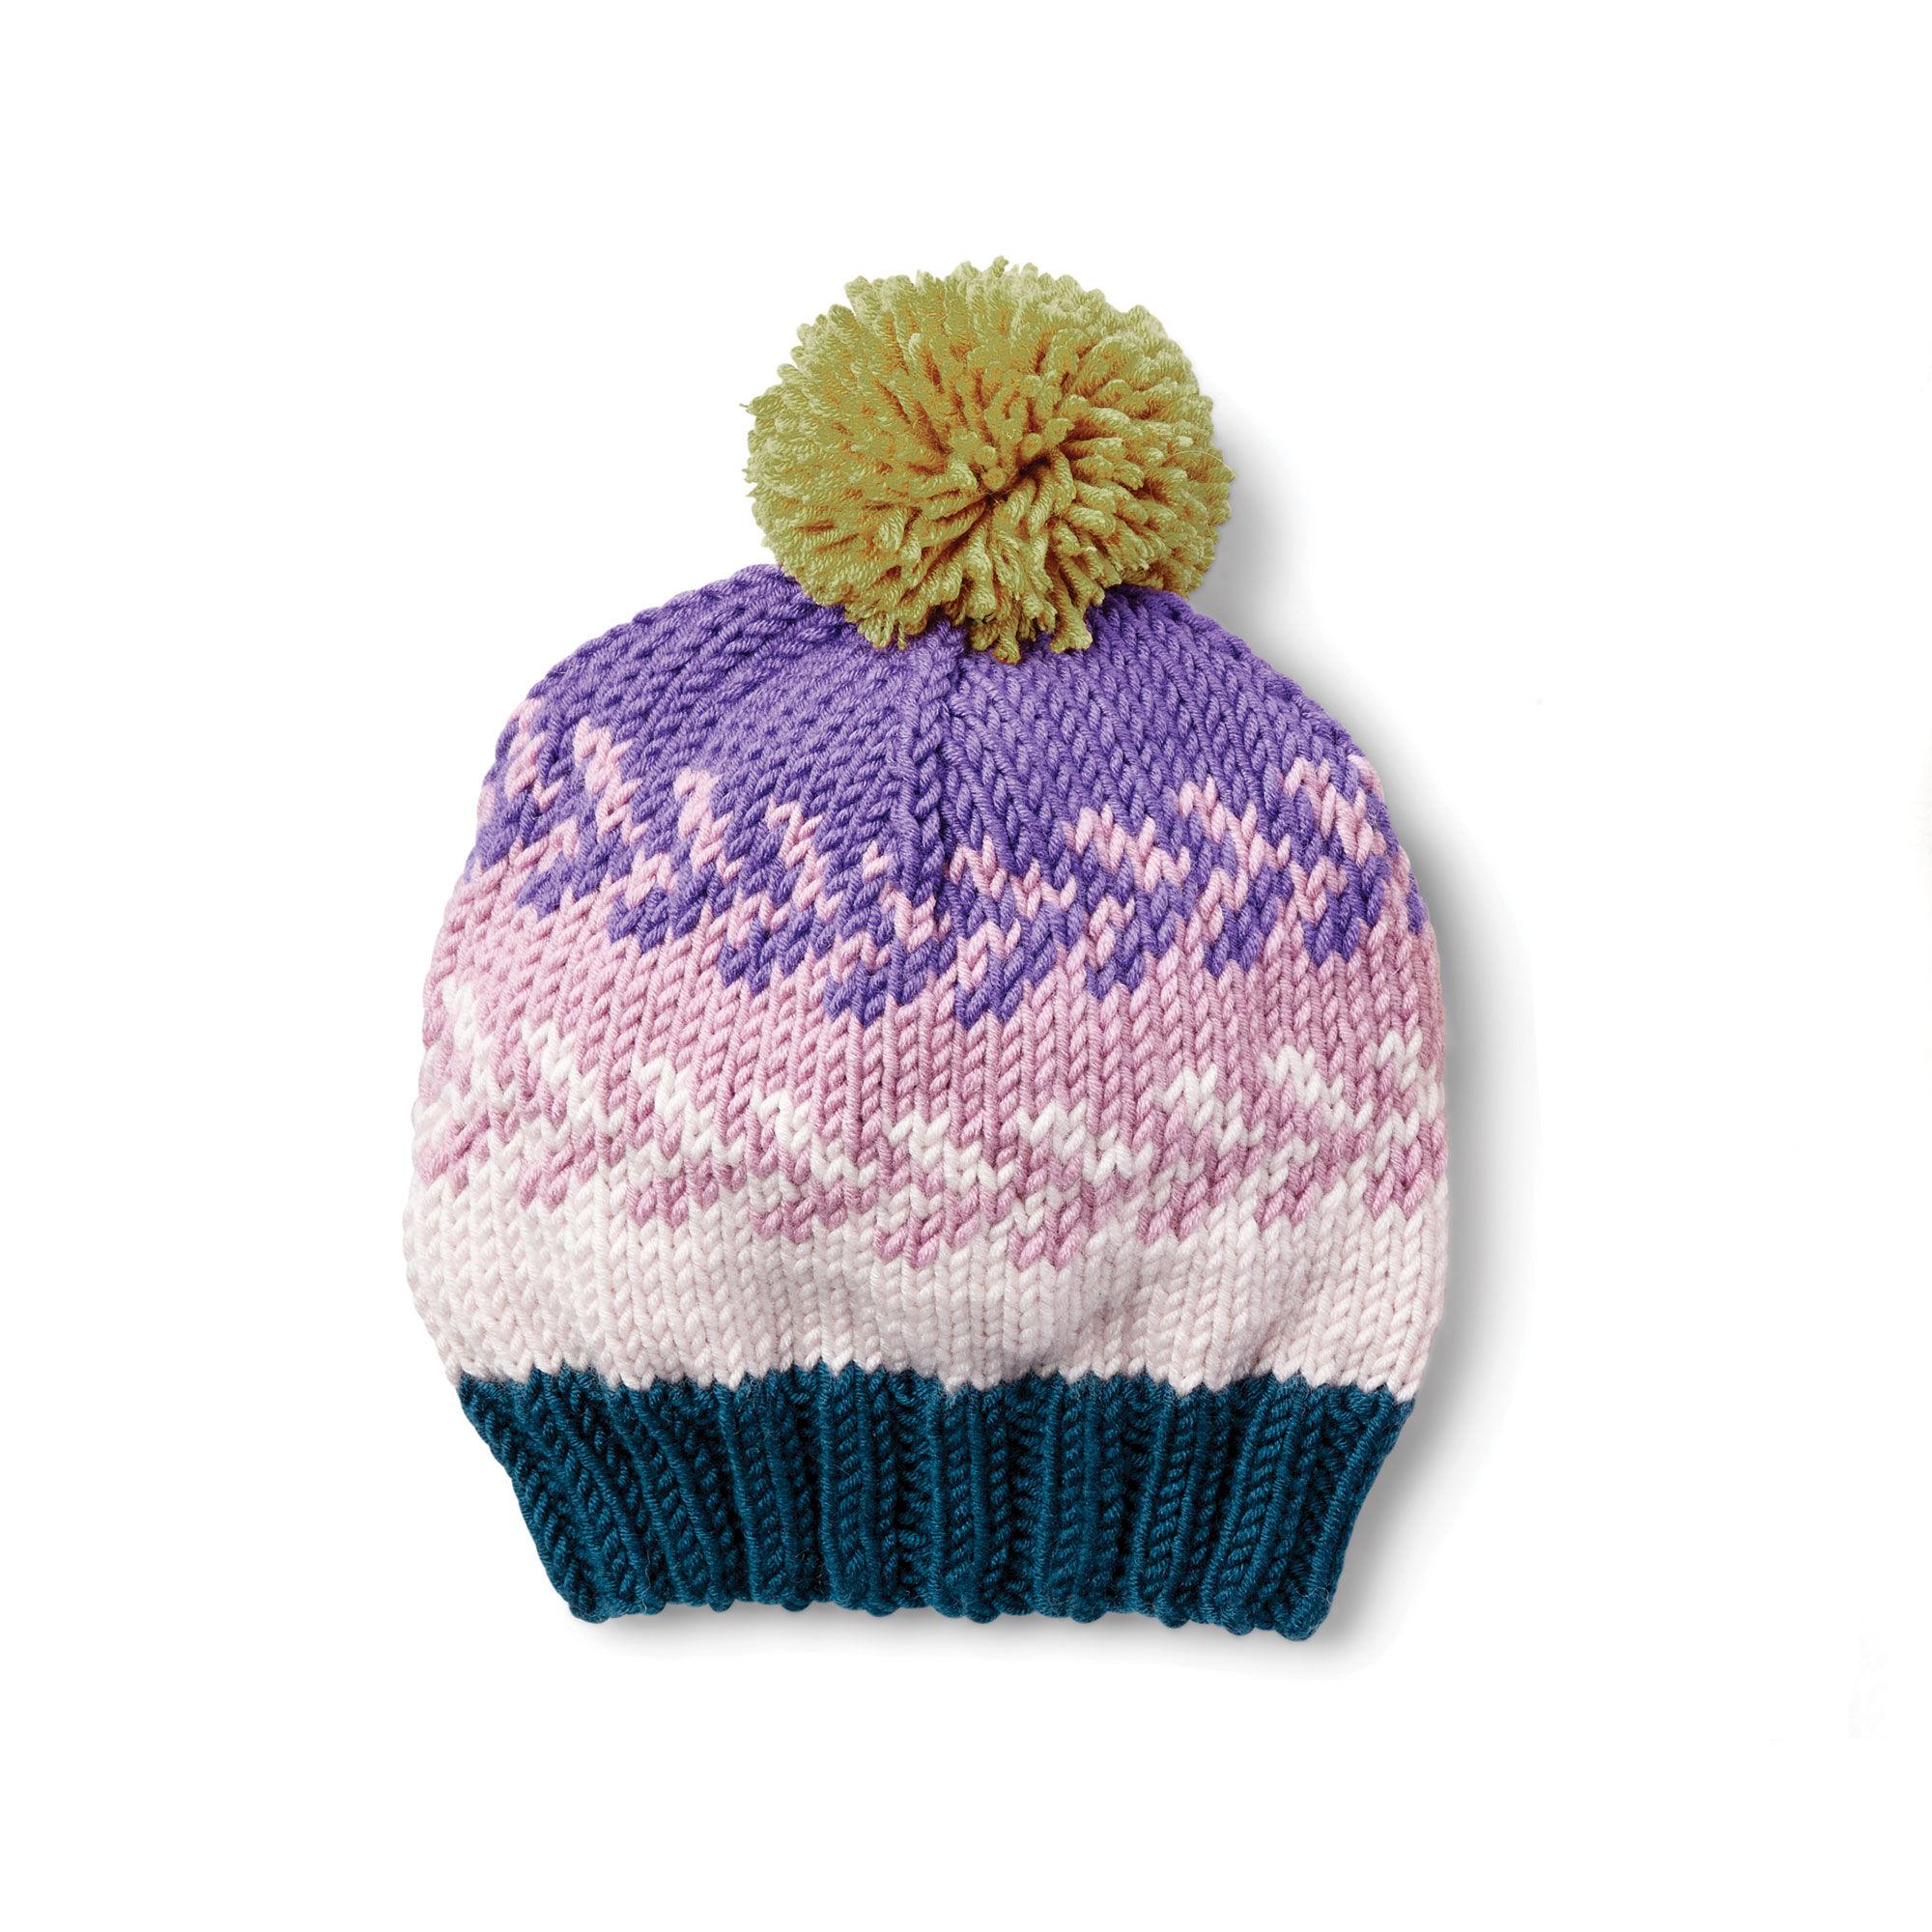 b8fc7a21de9 Caron x Pantone Knit Fair Isle Hat Free Pattern